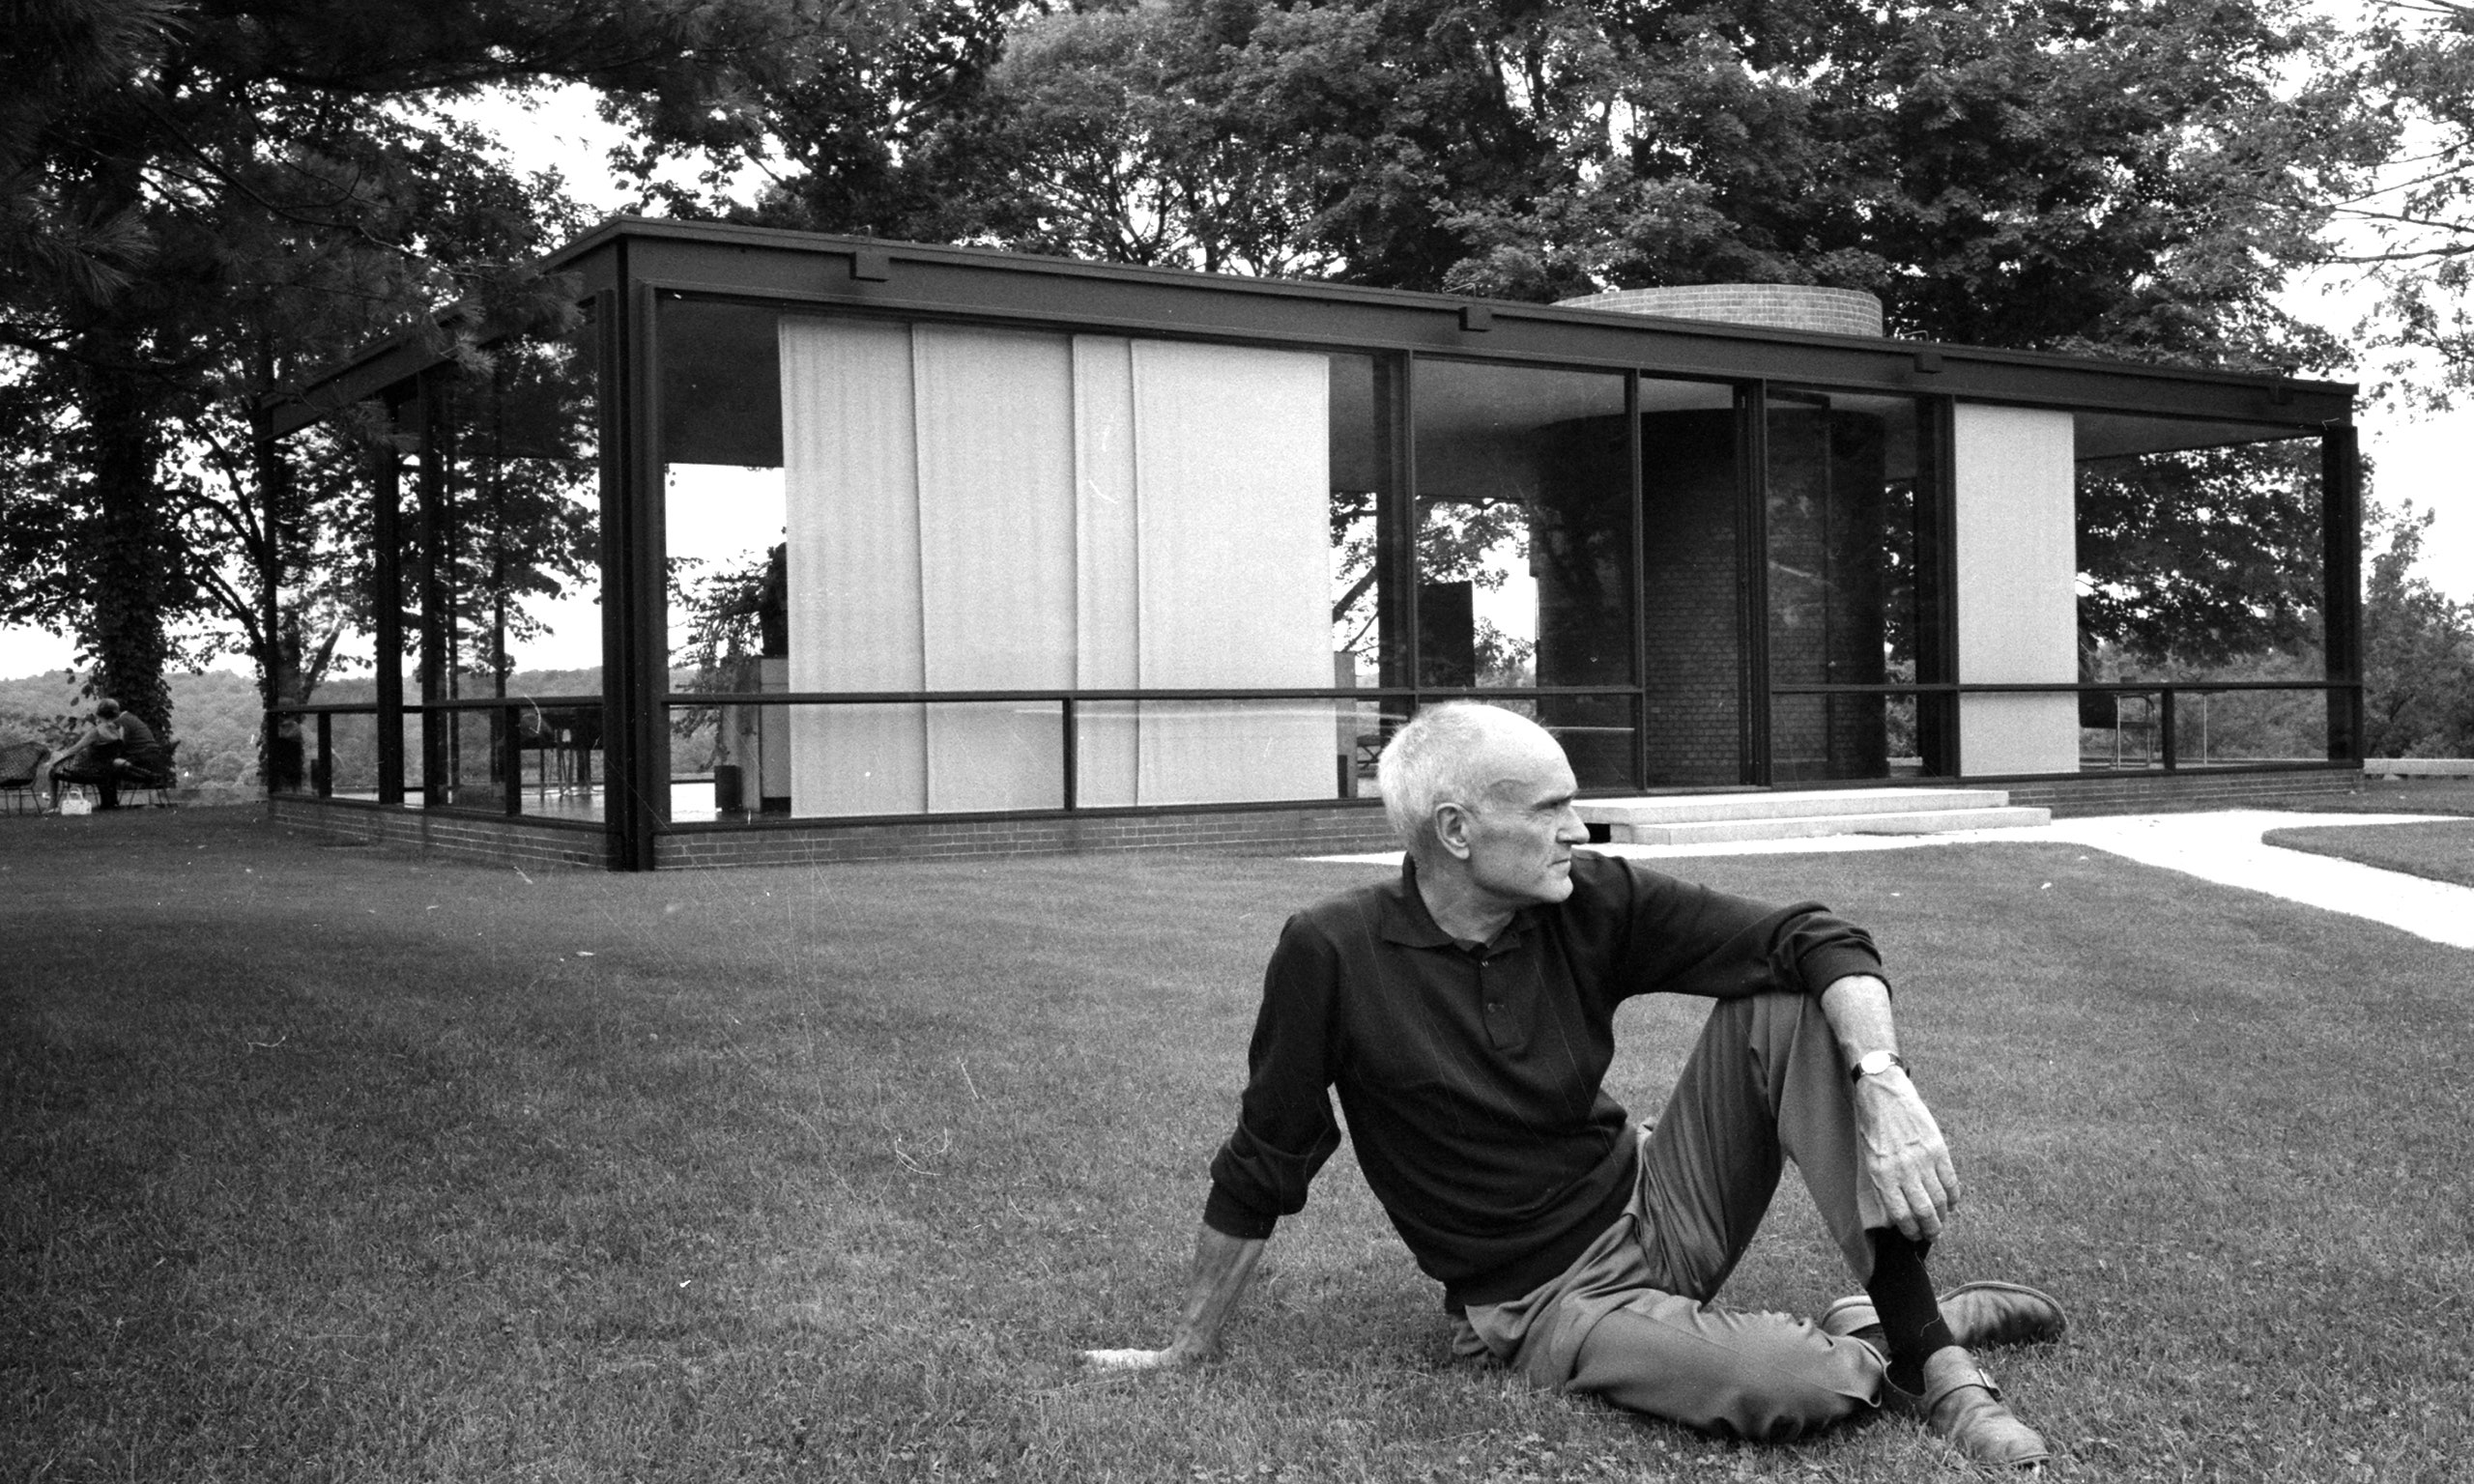 Cancellare Philip Johnson. Artisti e accademici contro l'architetto per il suo passato filo-nazista